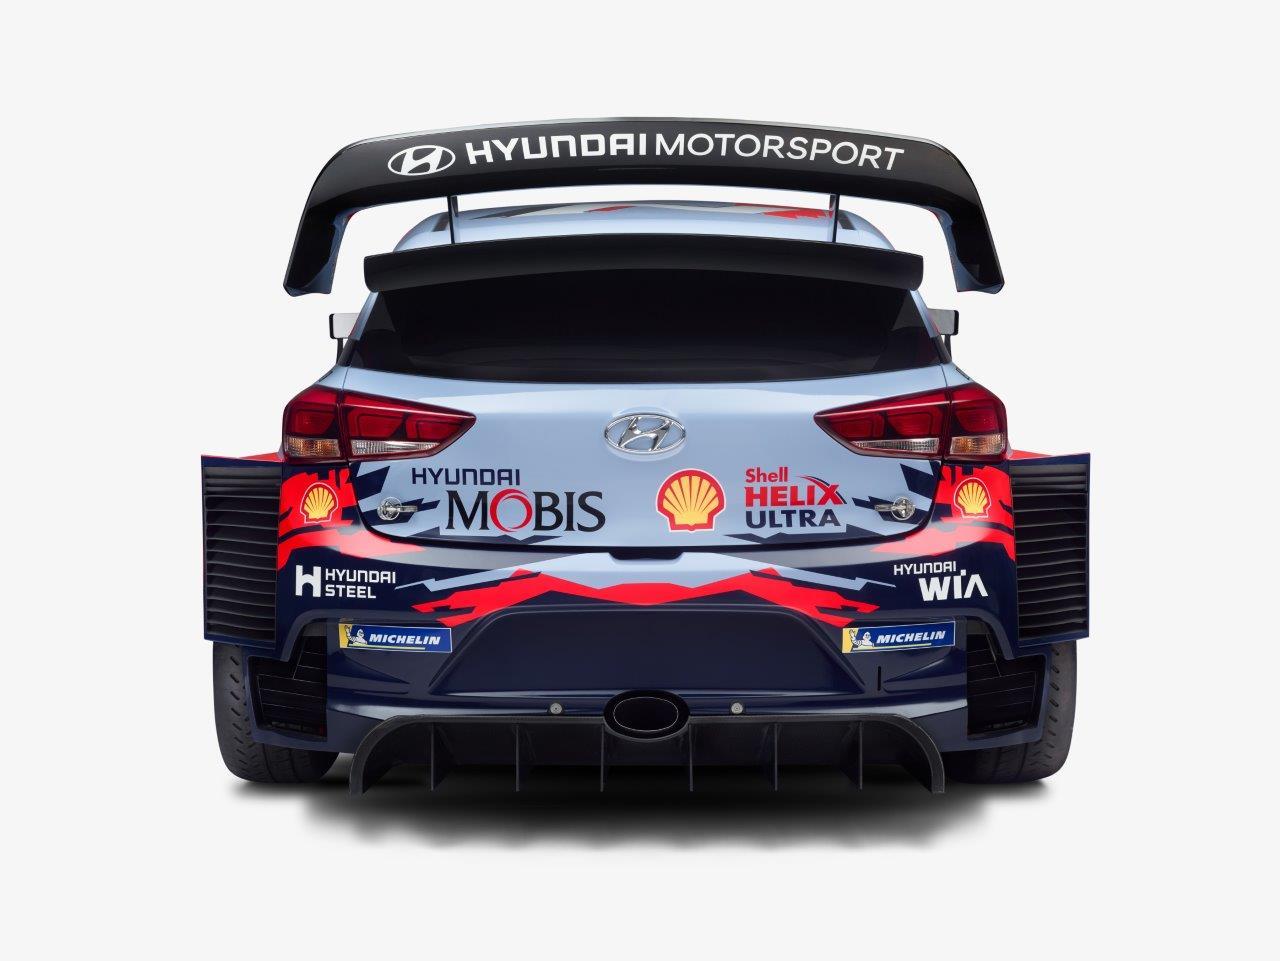 wrc_car_2020_back.jpg